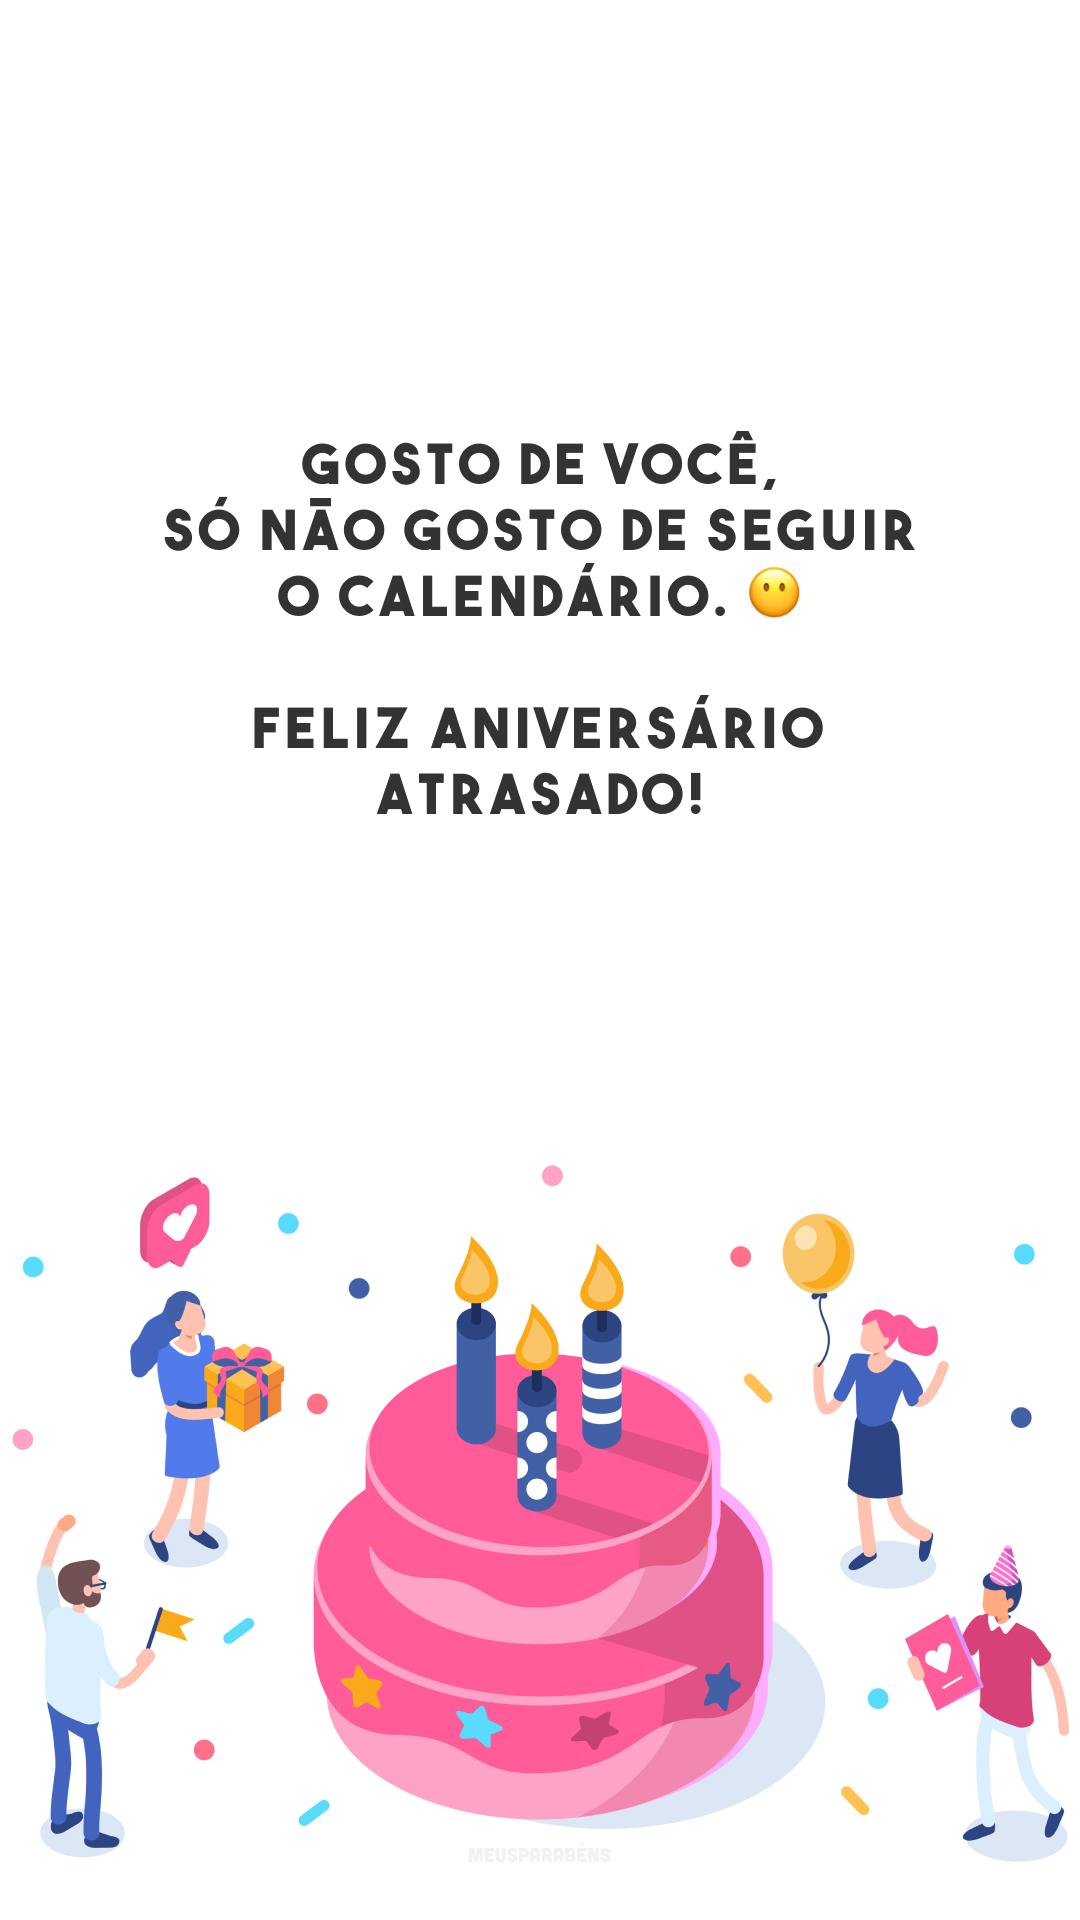 Gosto de você, só não gosto de seguir o calendário. 😶 Feliz aniversário atrasado!